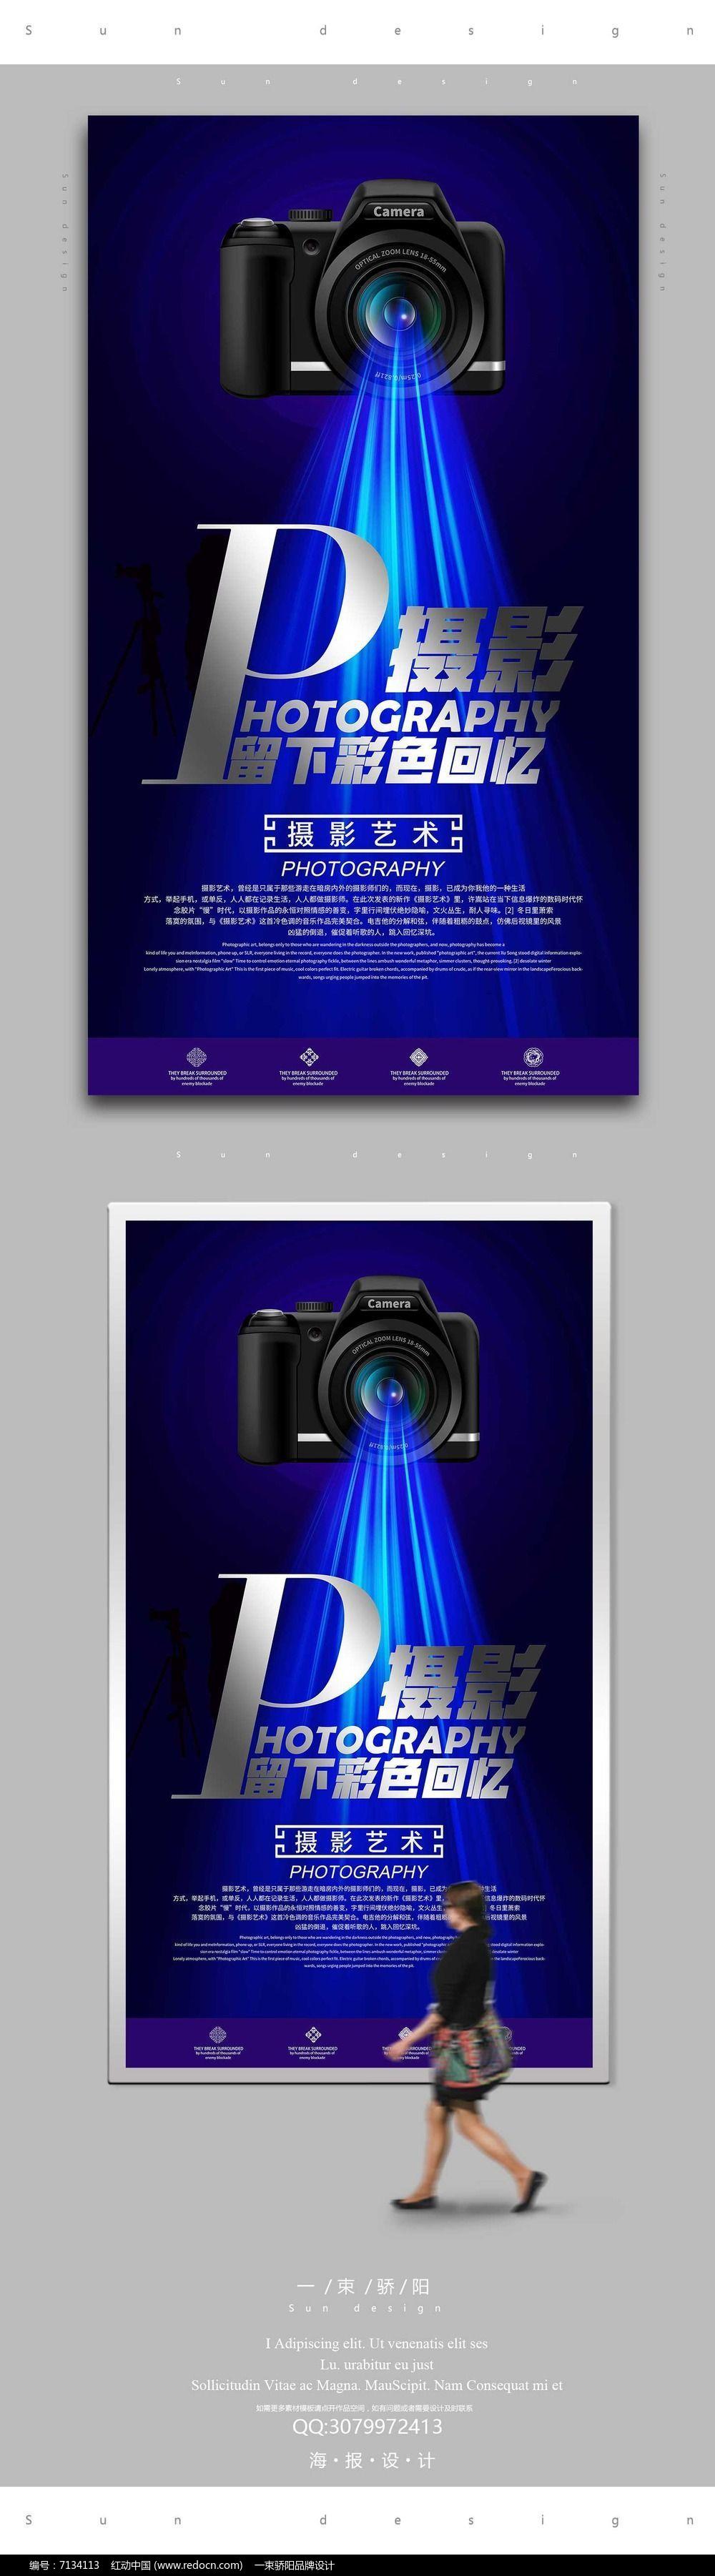 高端摄影宣传海报设计PSD图片